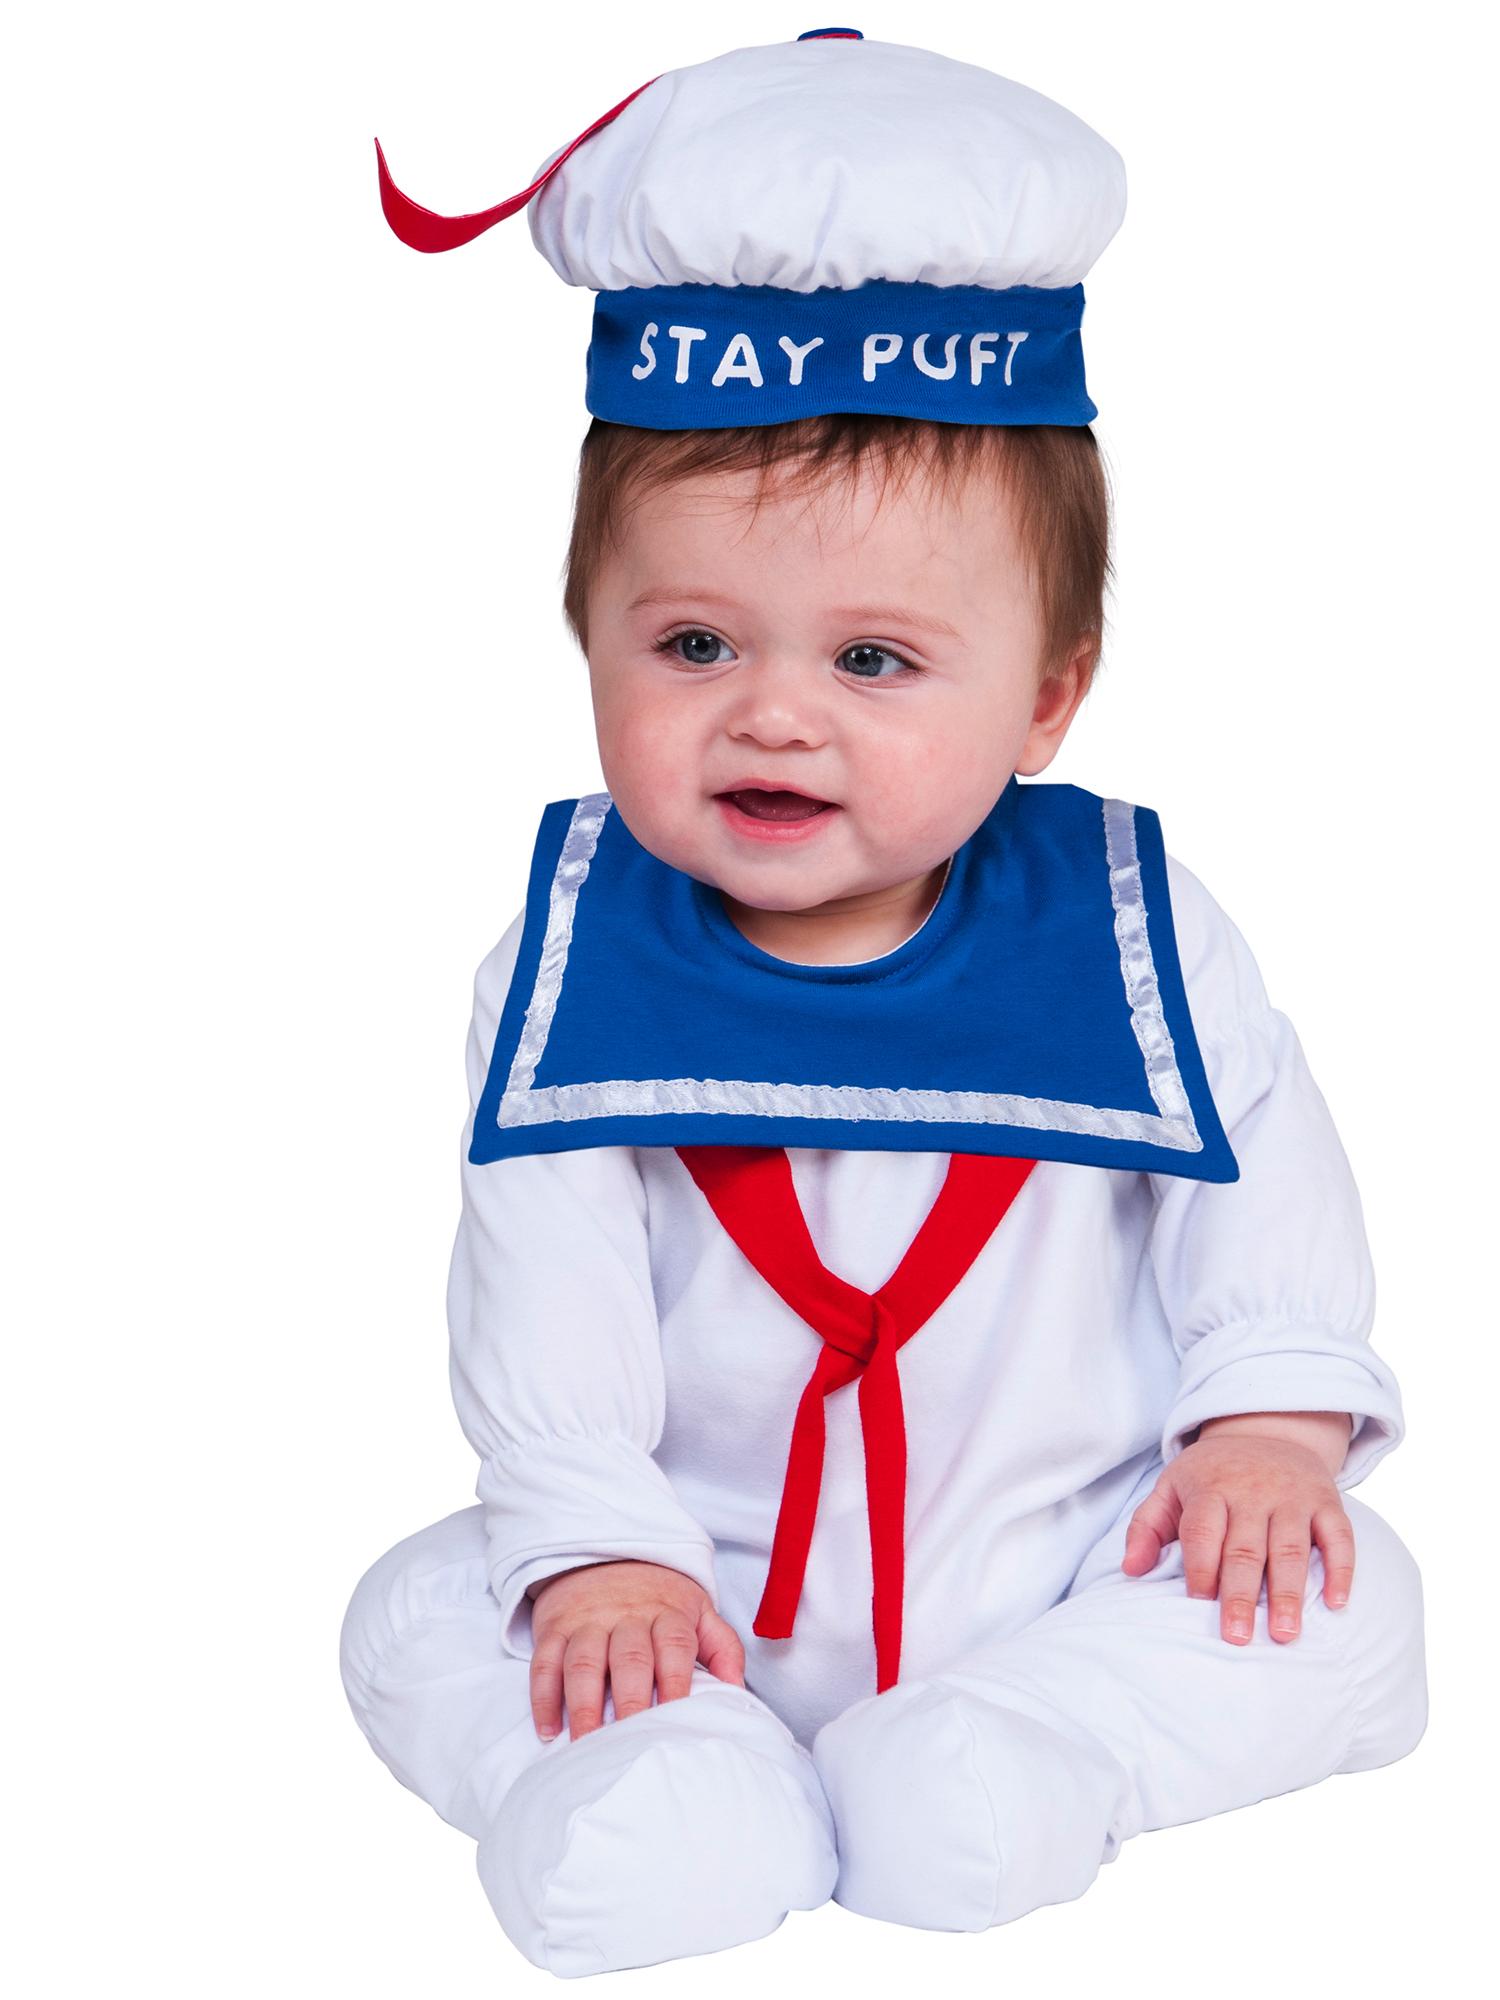 Stay Puft Newborn Costume Buycostumes